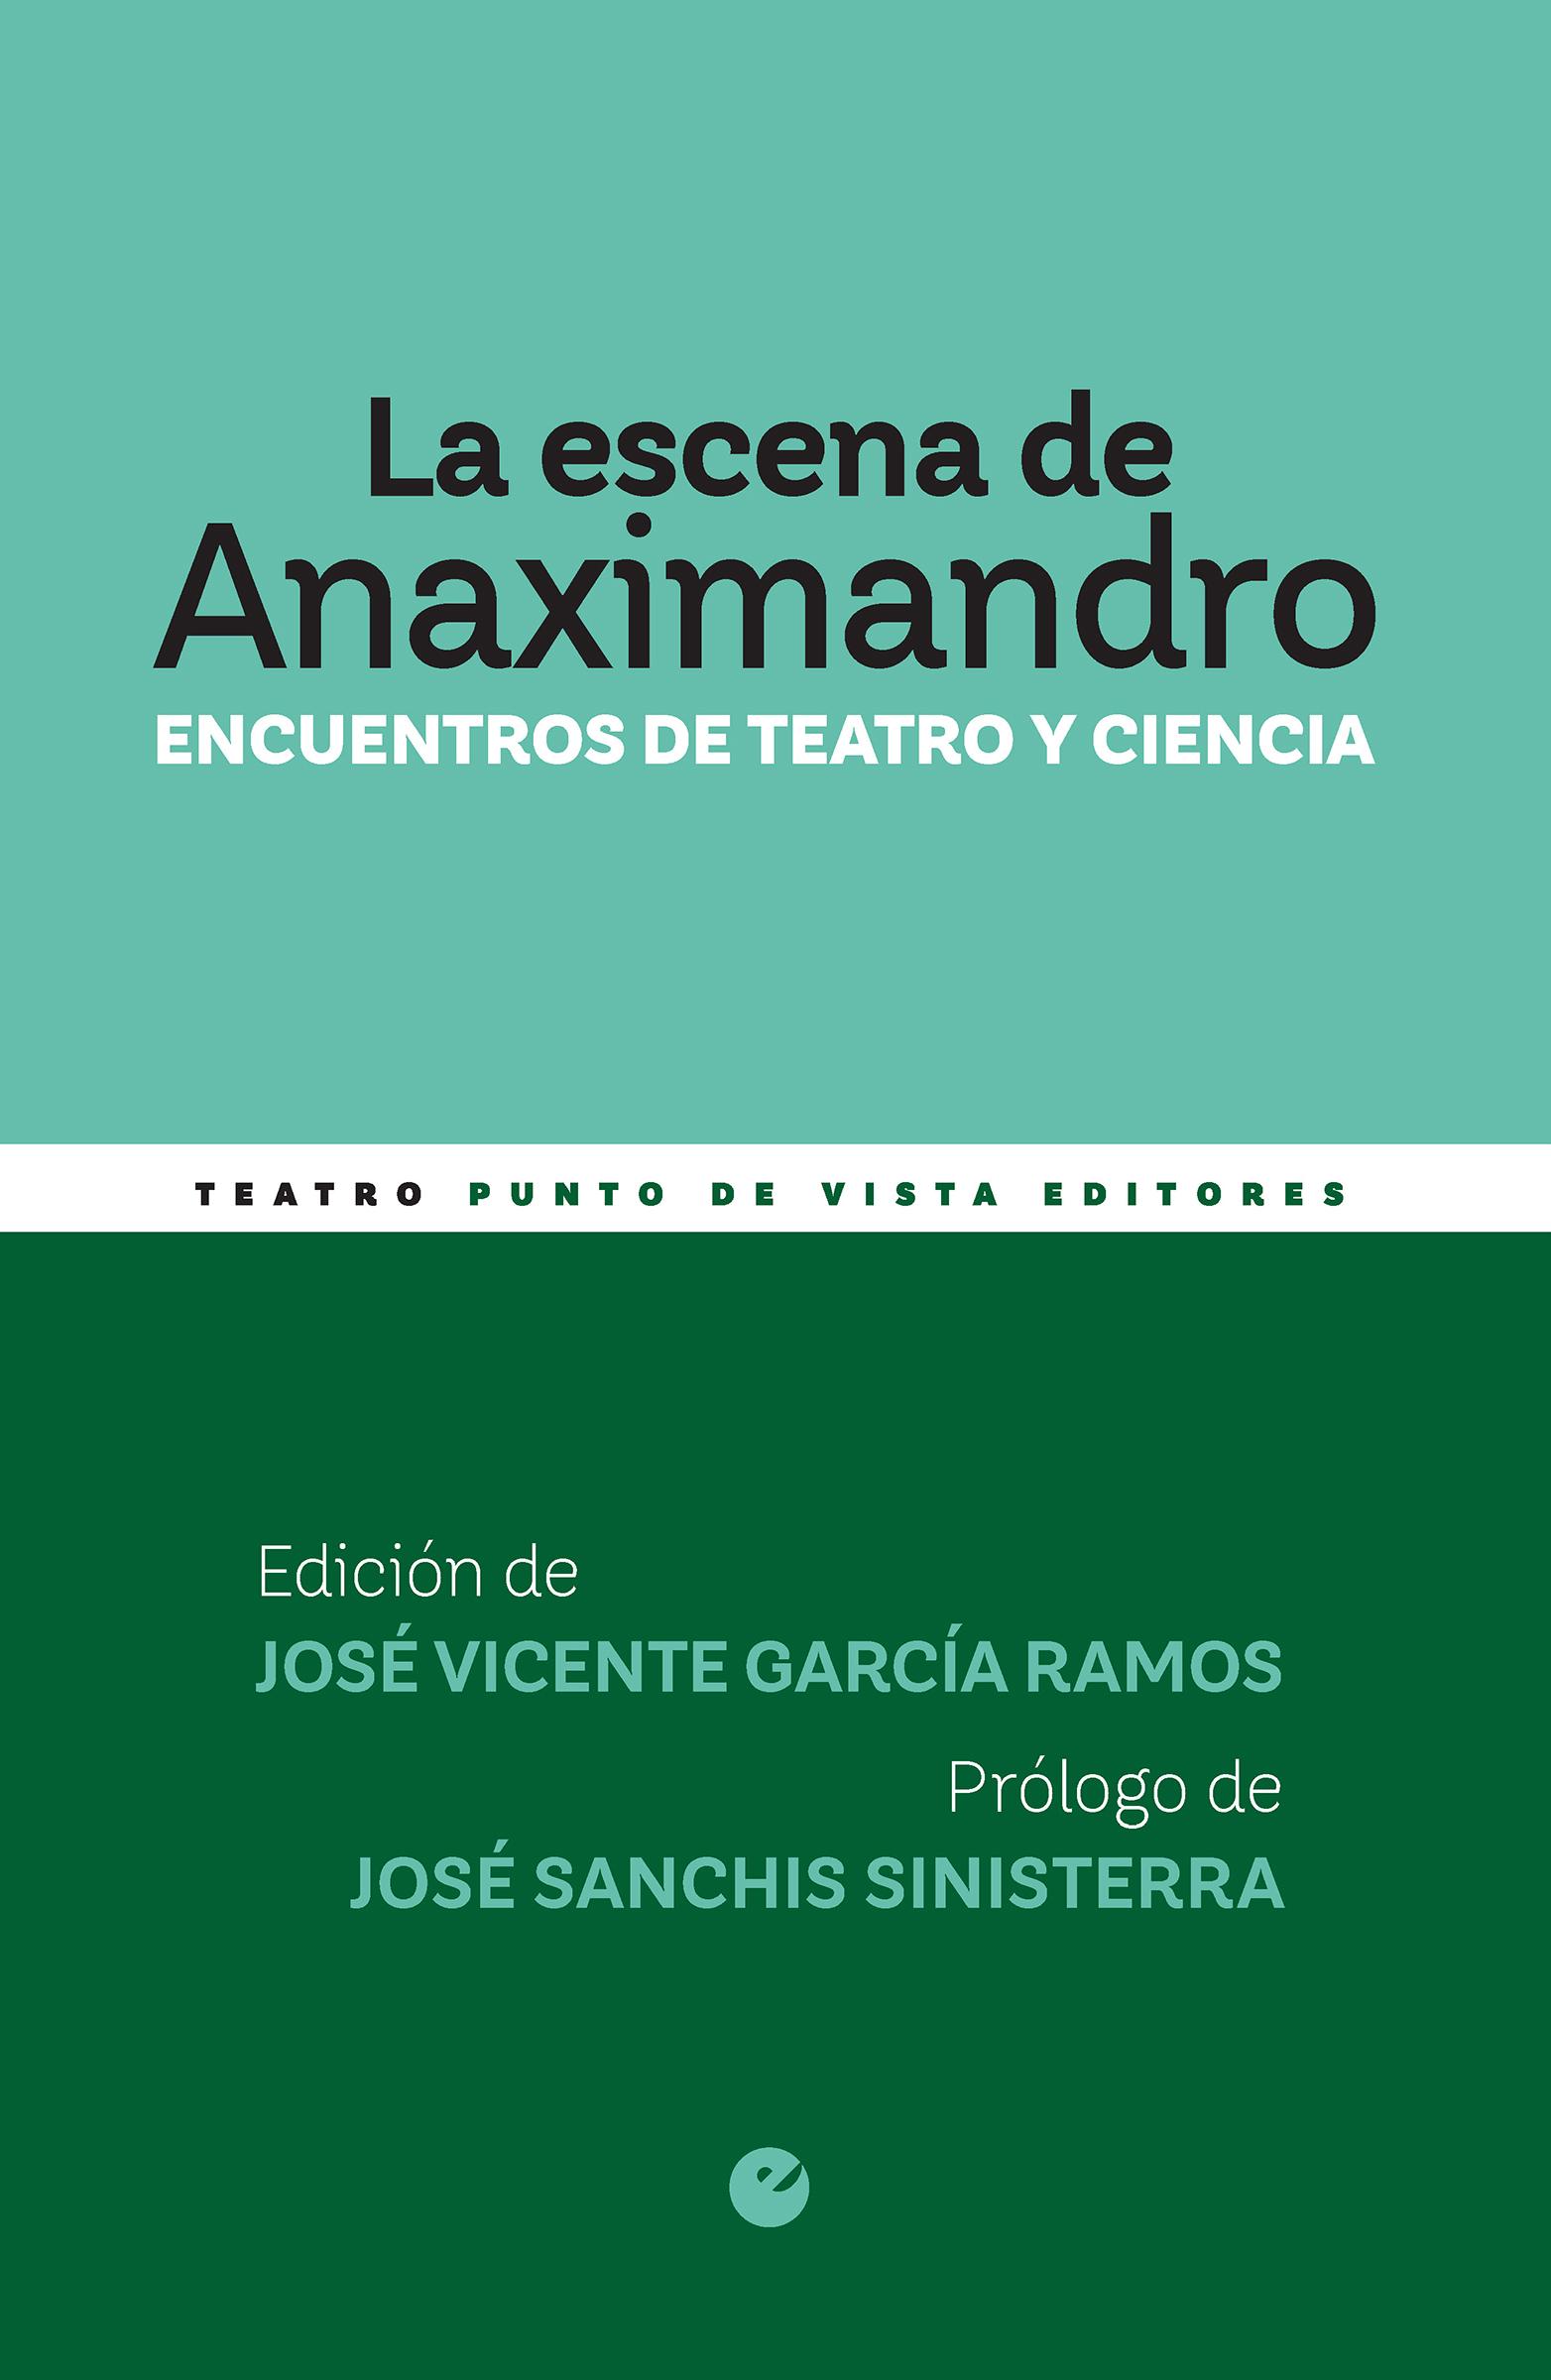 La escena de Anaximandro «Encuentros de teatro y ciencia»